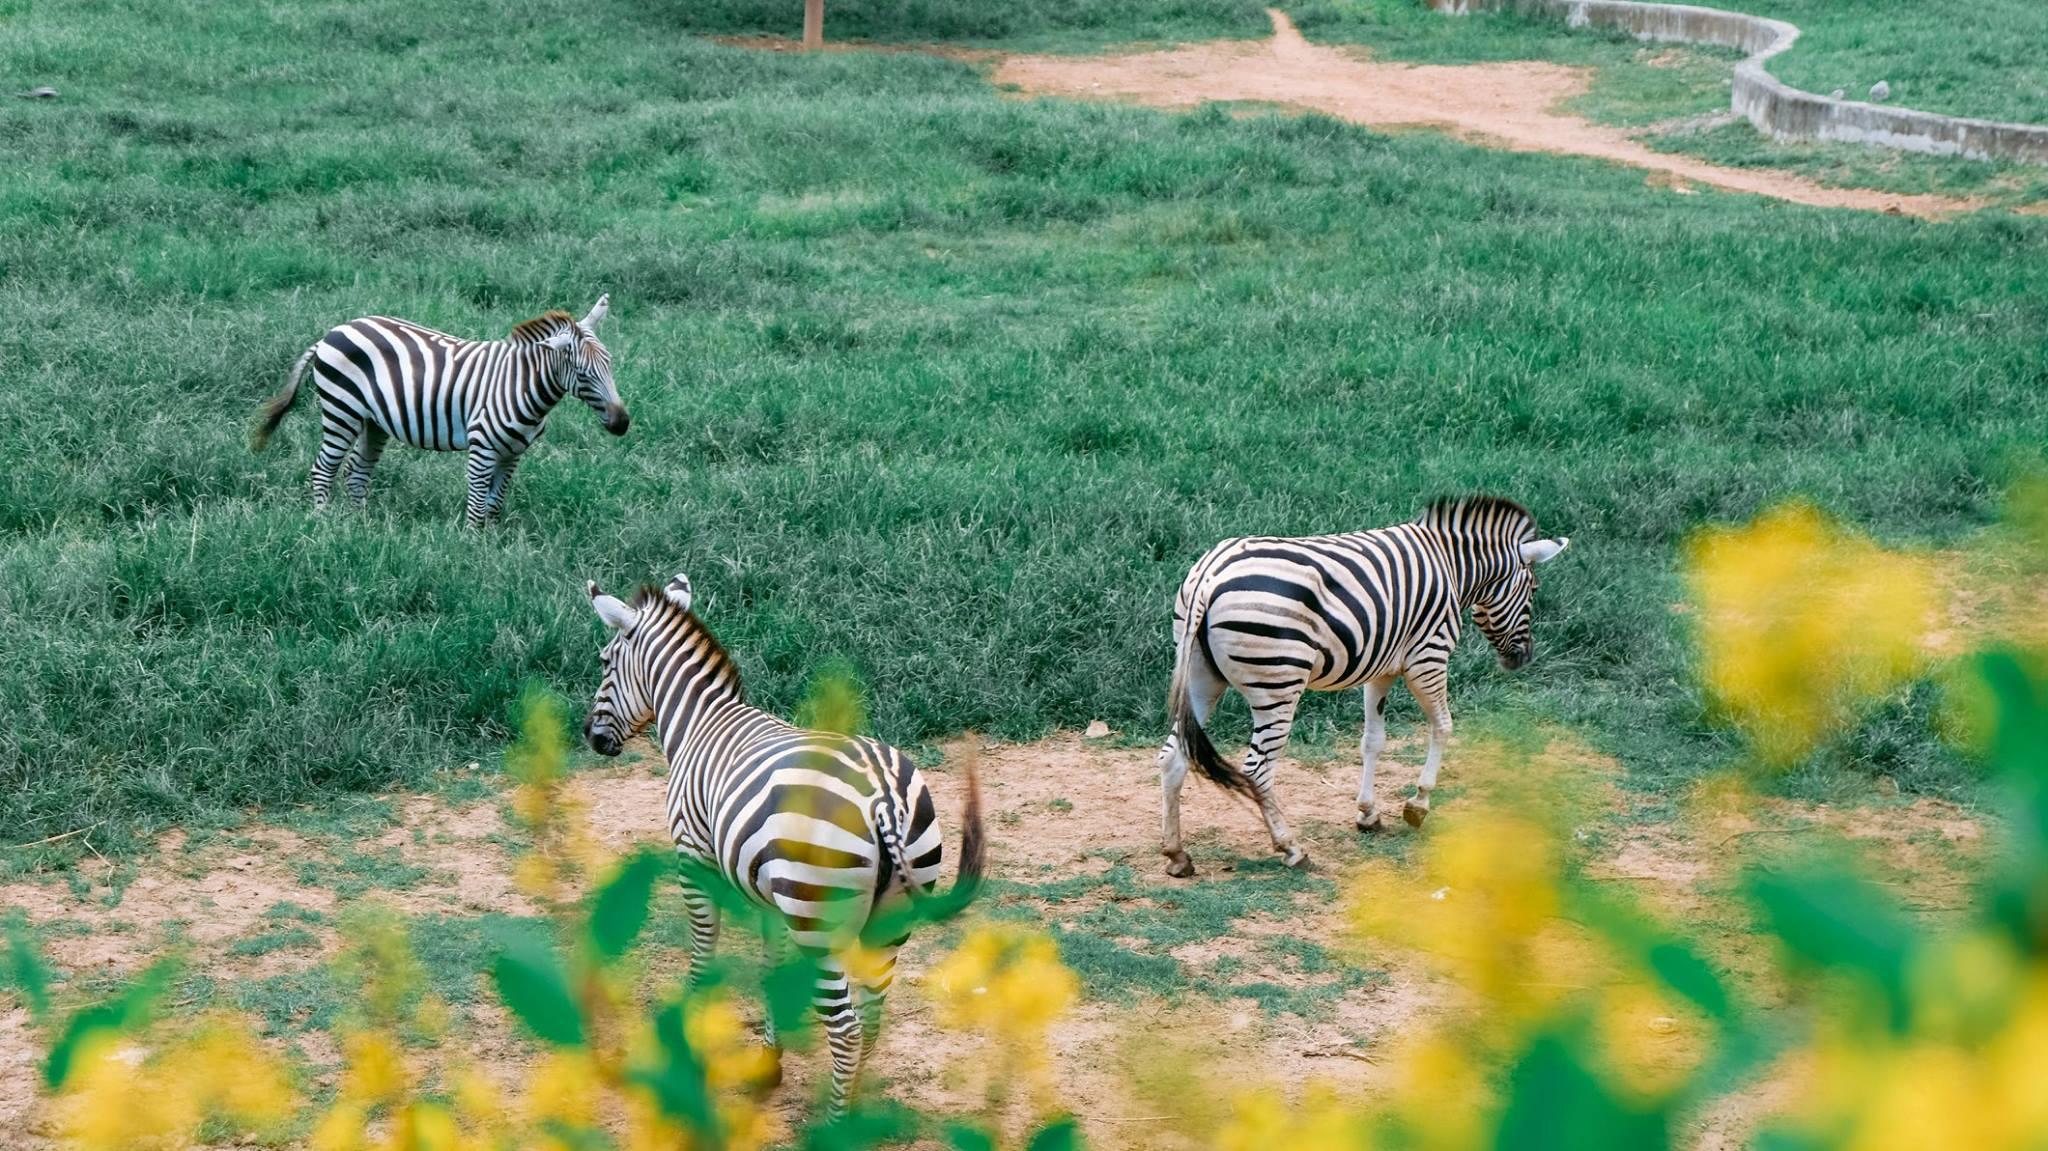 Bonanzacondo-activities-zoo 14